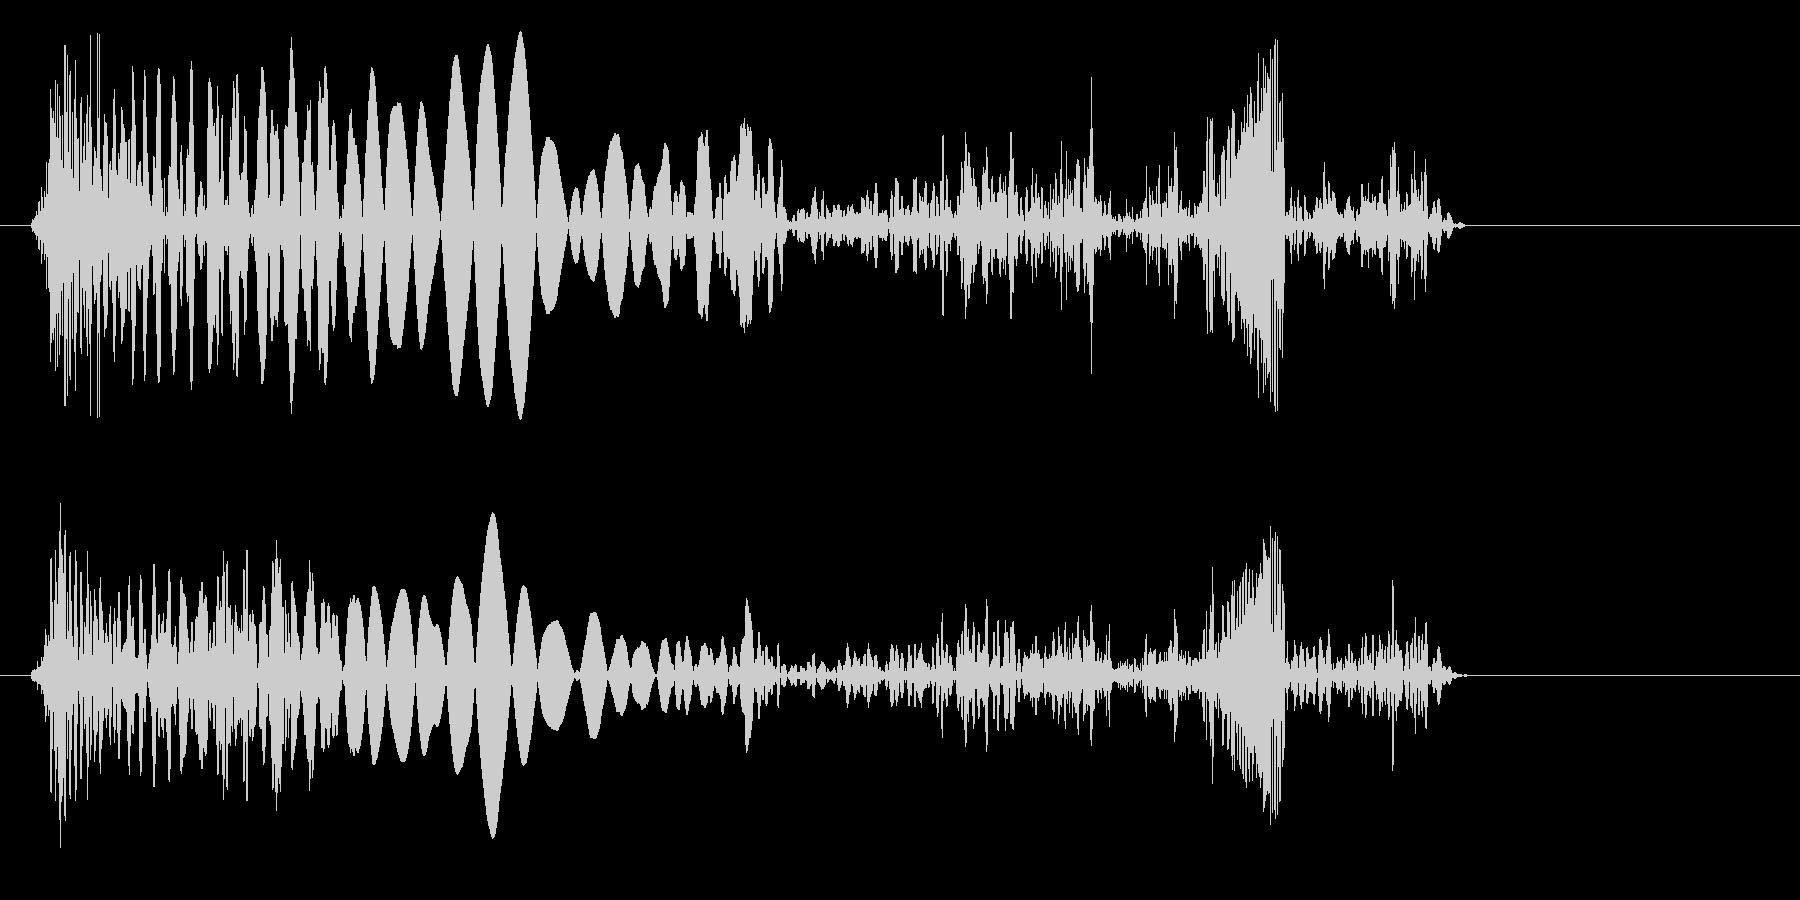 プチュリッ(軟体物質がつぶれるような音)の未再生の波形